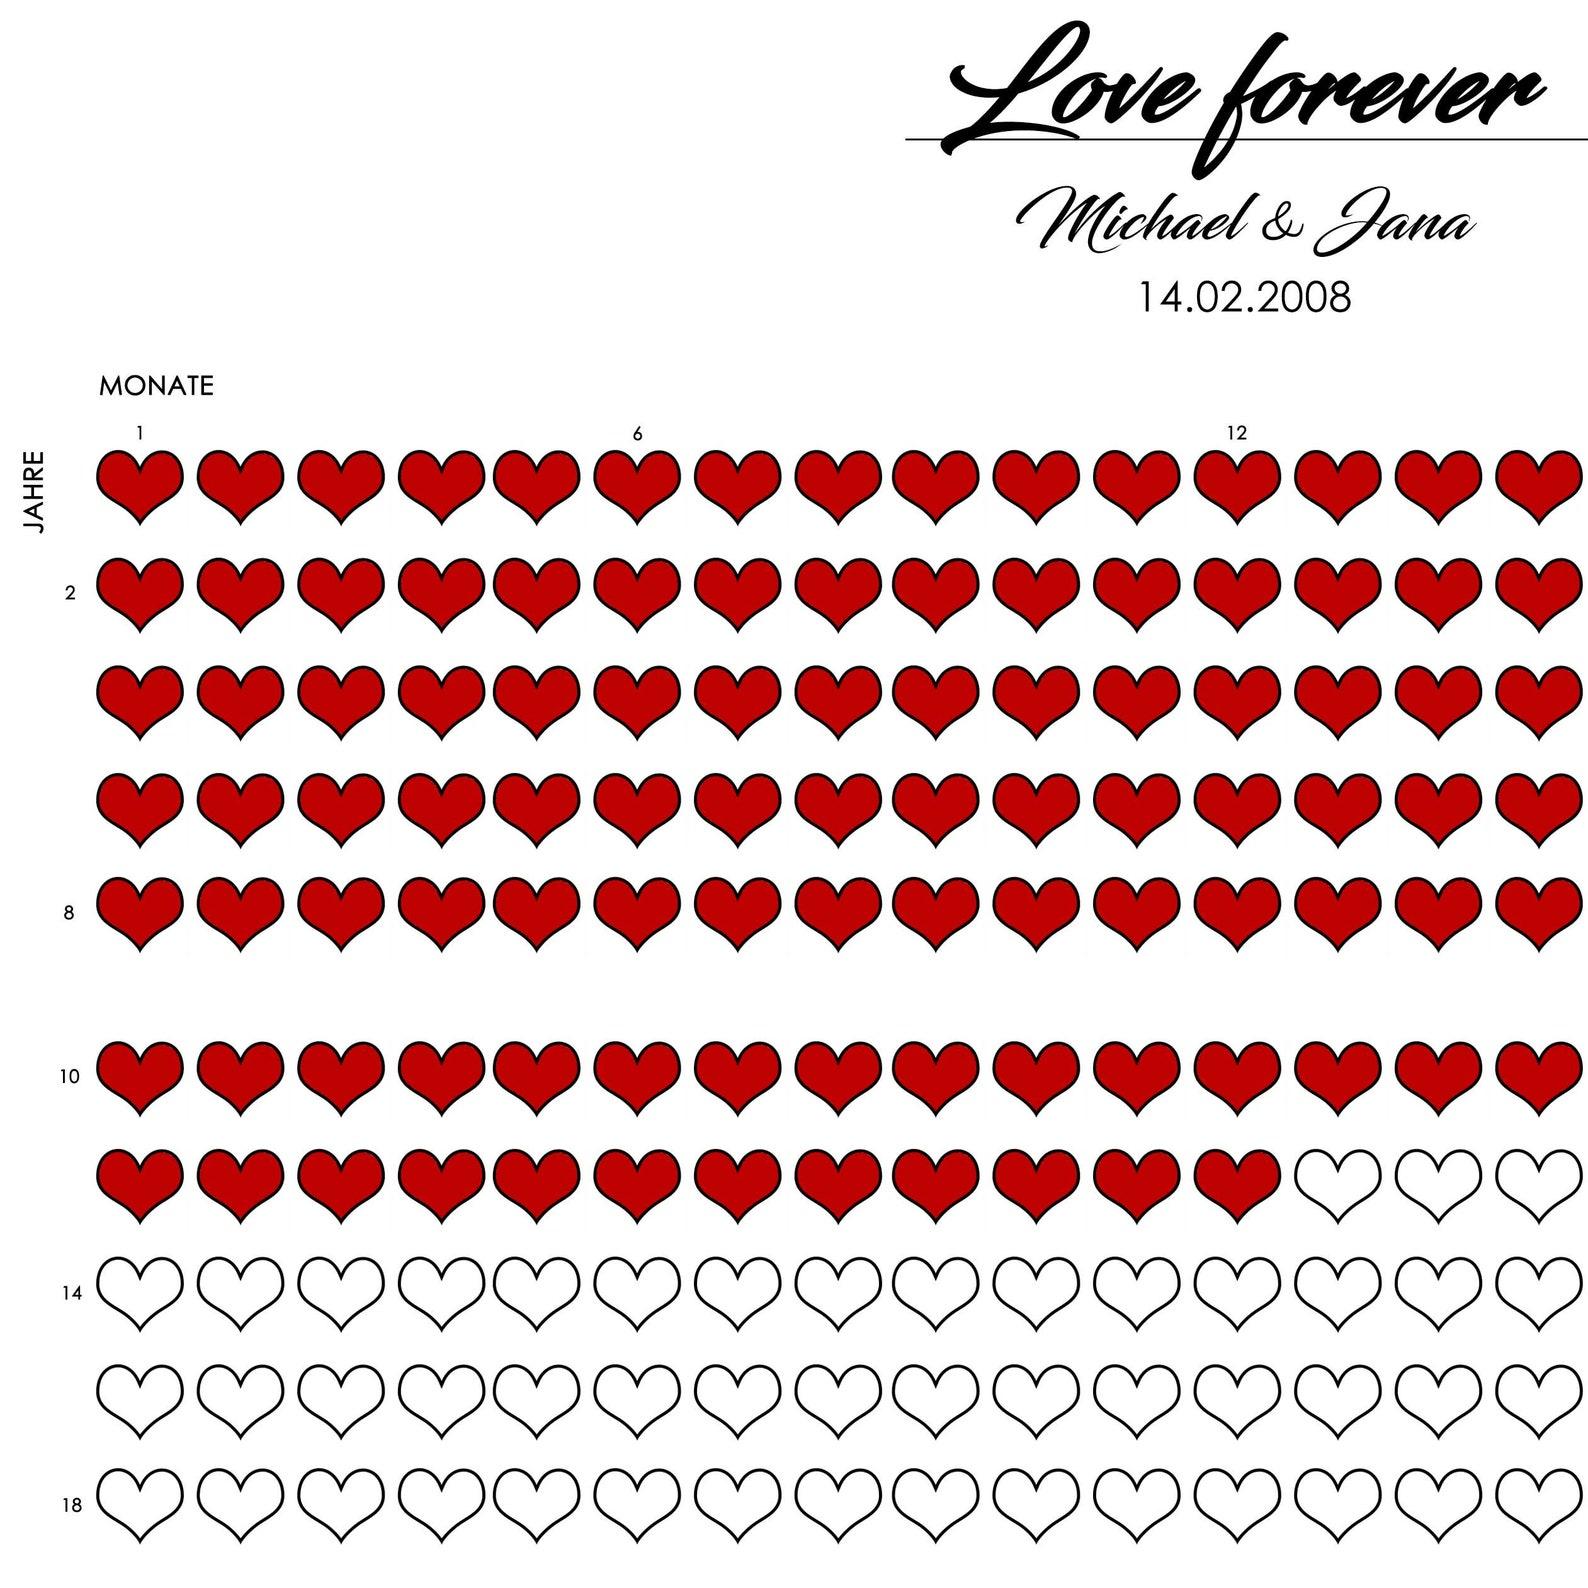 Liebeskalender 1 Herz 1 Monat Beziehung/Verheiratet   Etsy